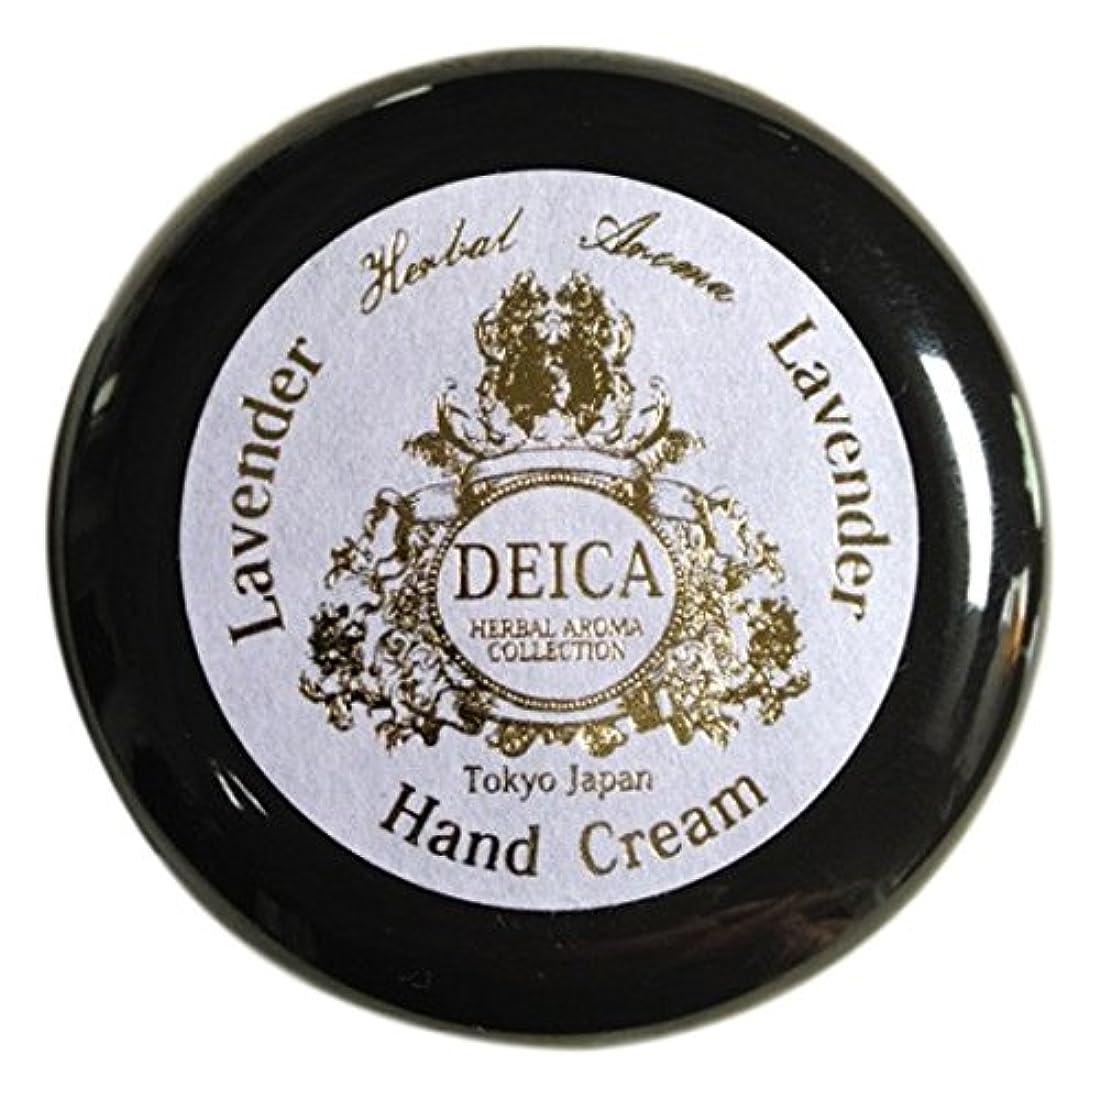 セントブリリアント引き付けるDEICA ハーバルアロマ ハンドクリーム ラベンダー